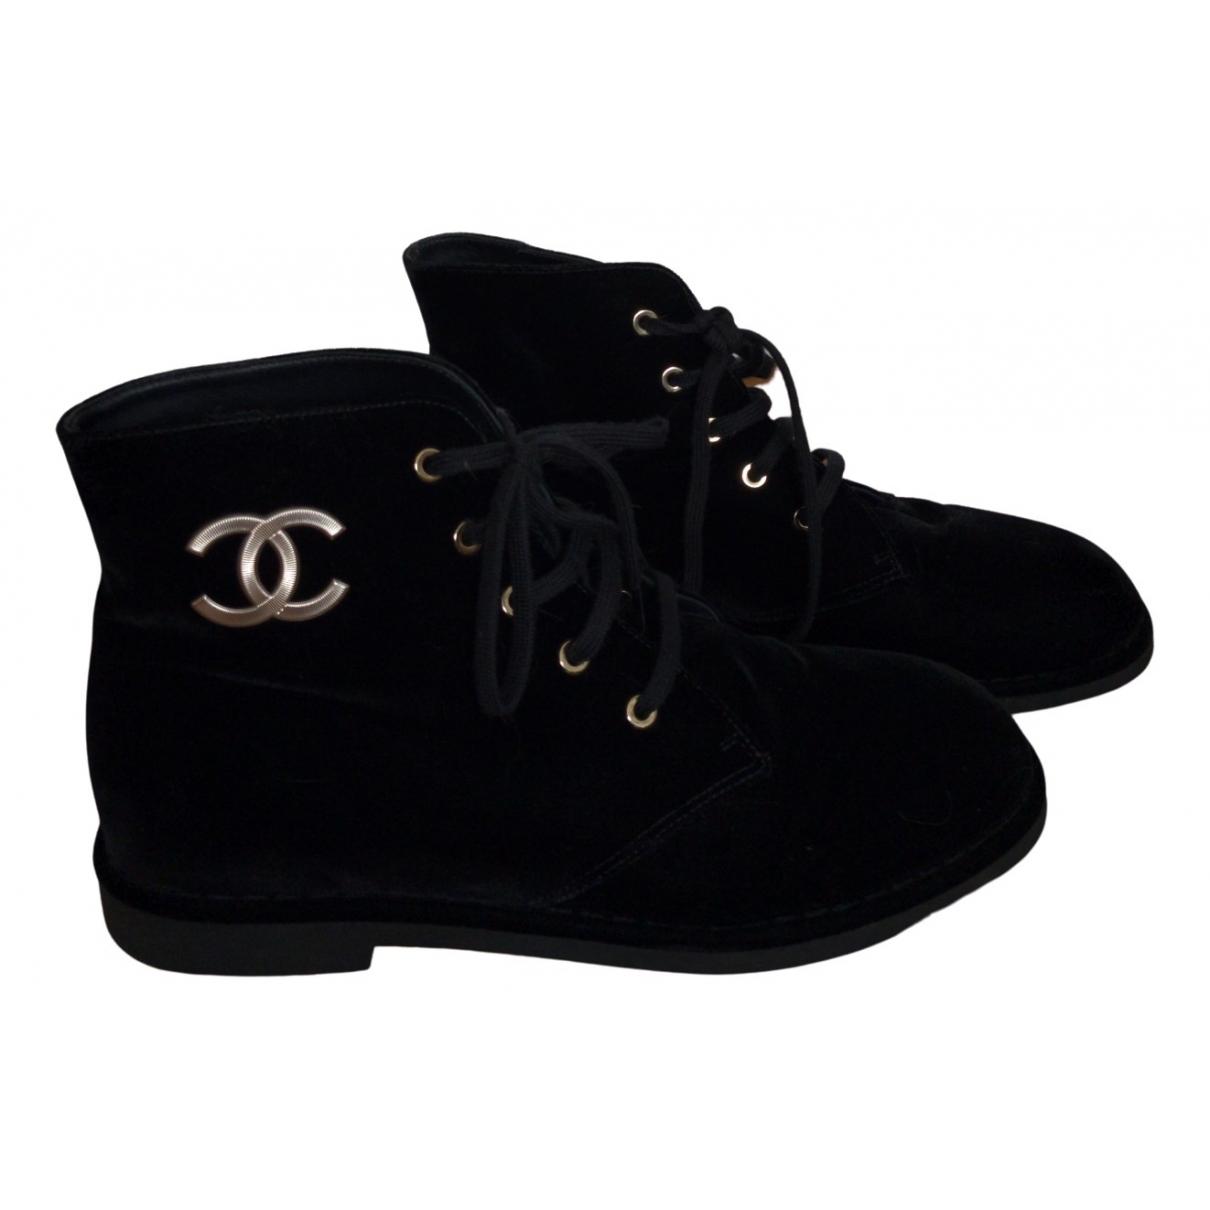 Botas  de Terciopelo Chanel